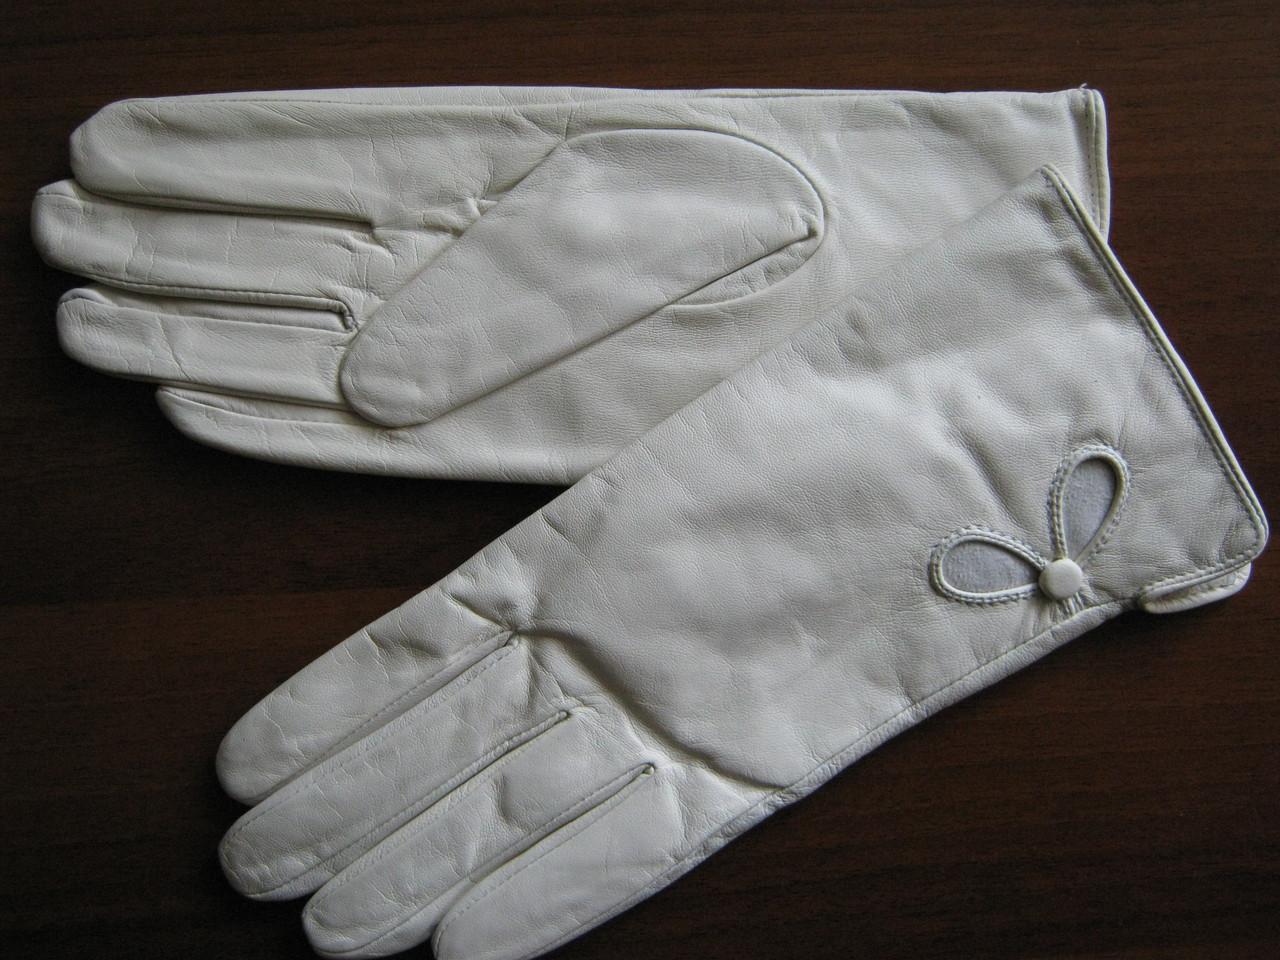 Как почистить кожаные перчатки в домашних условиях